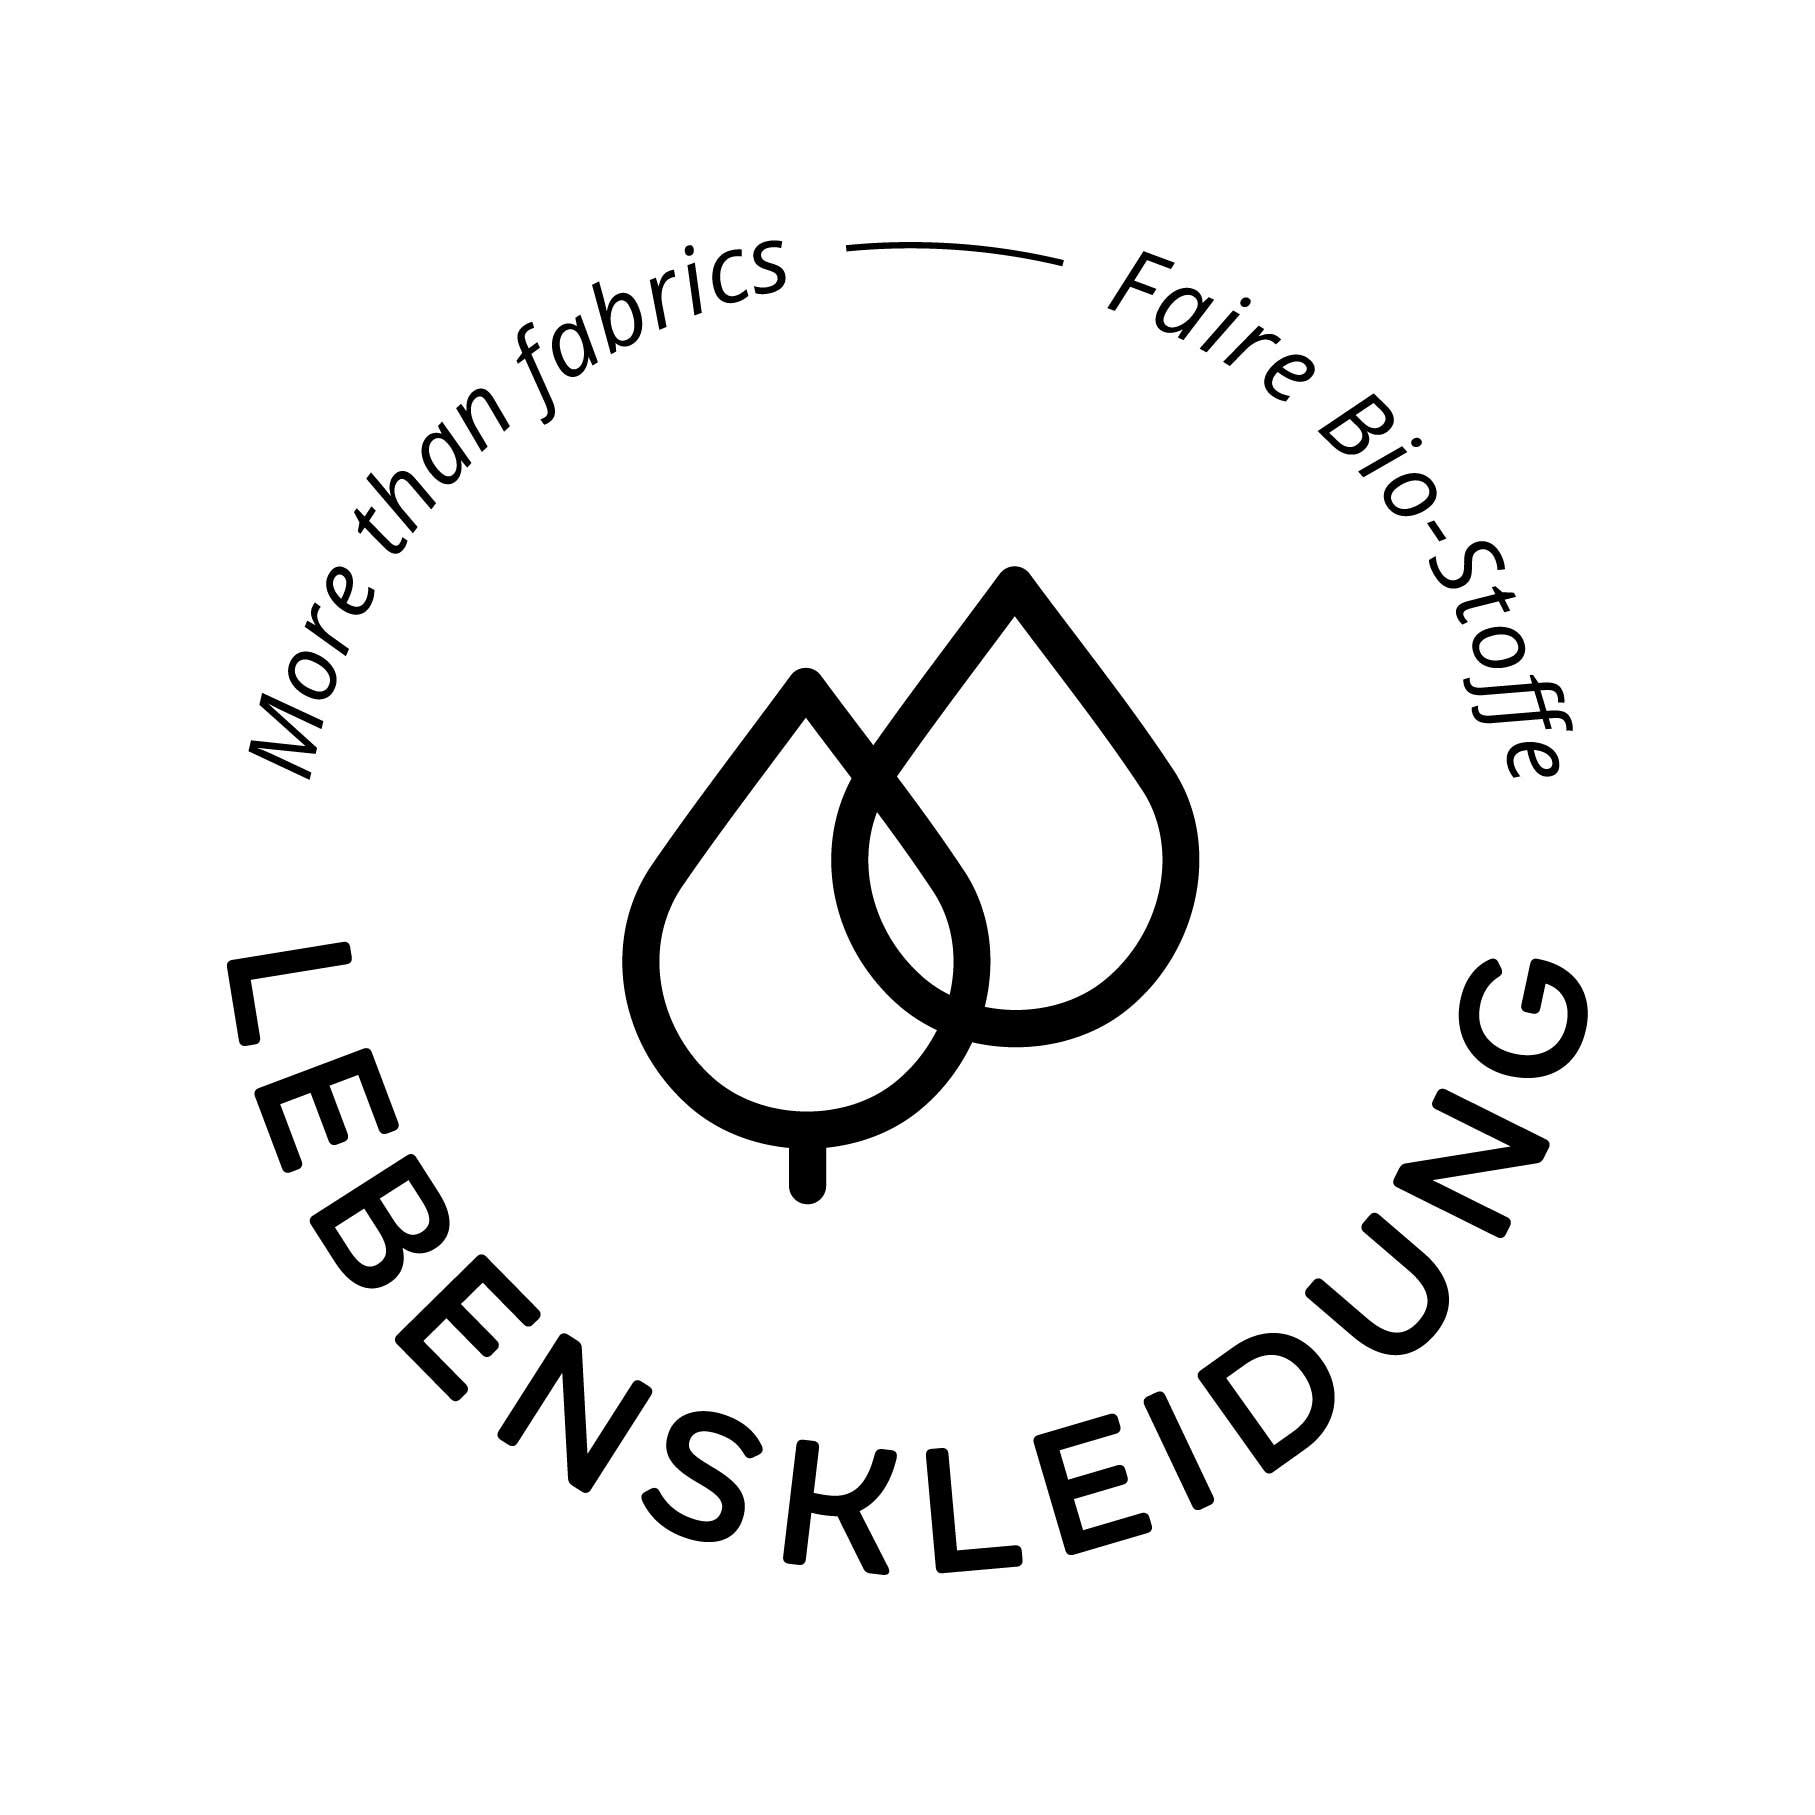 Bio Tissu RIB 2x1 (manchette) - chili